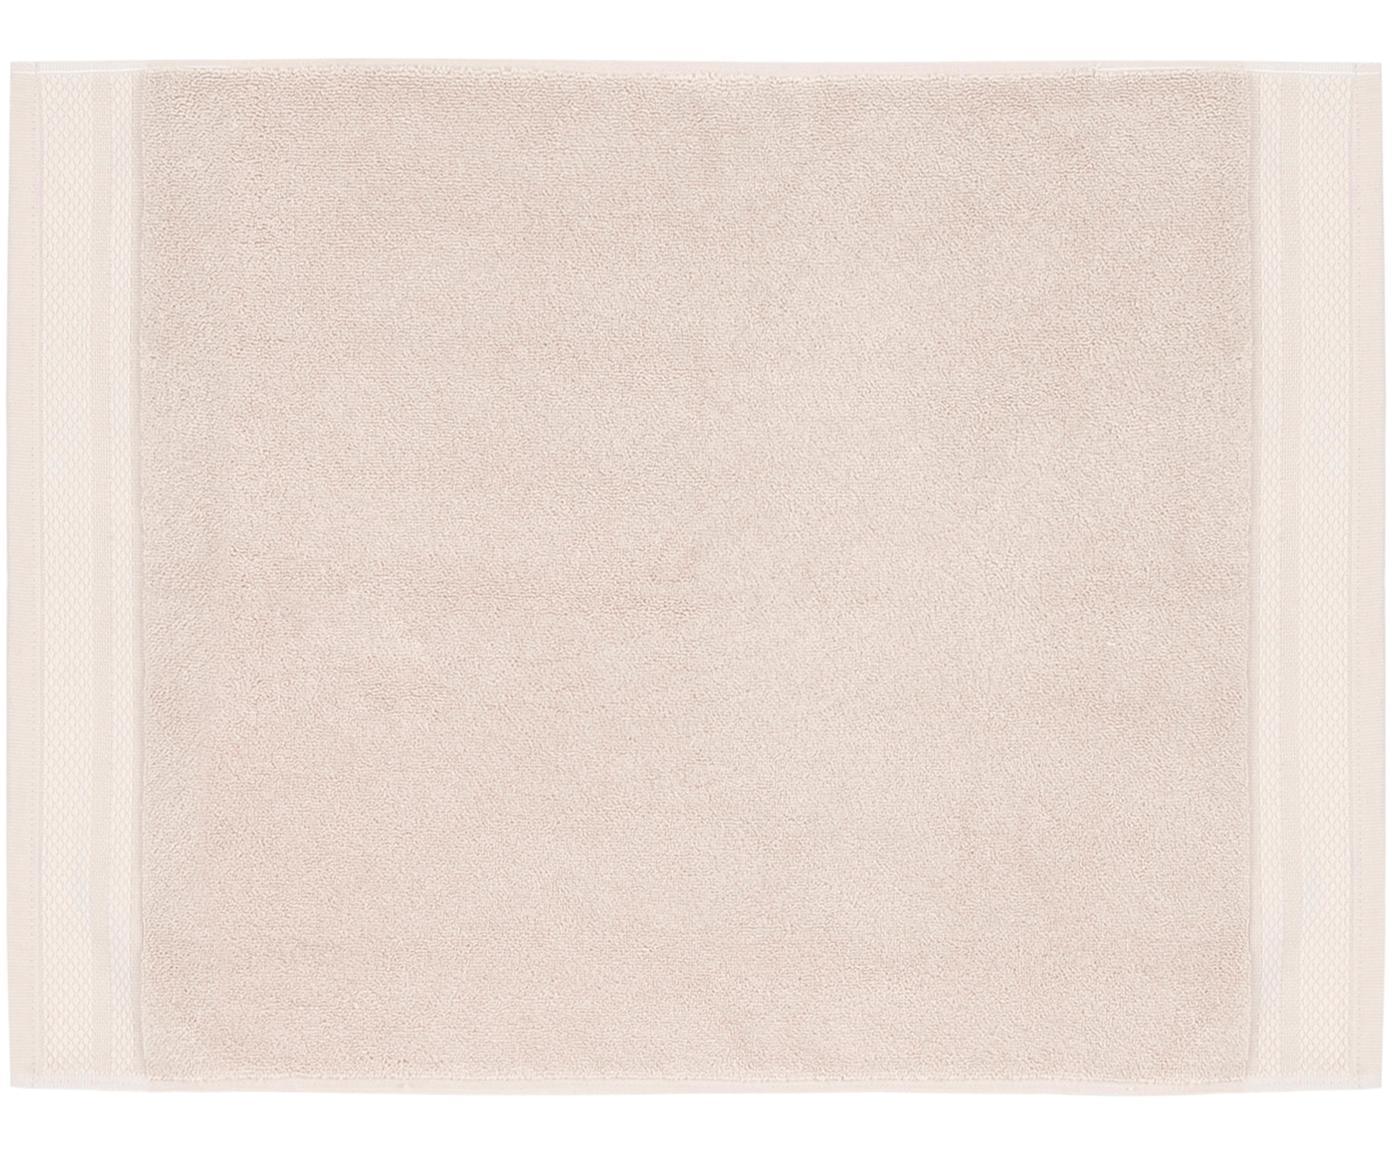 Badematte Premium, rutschfest, Beige, 50 x 70 cm